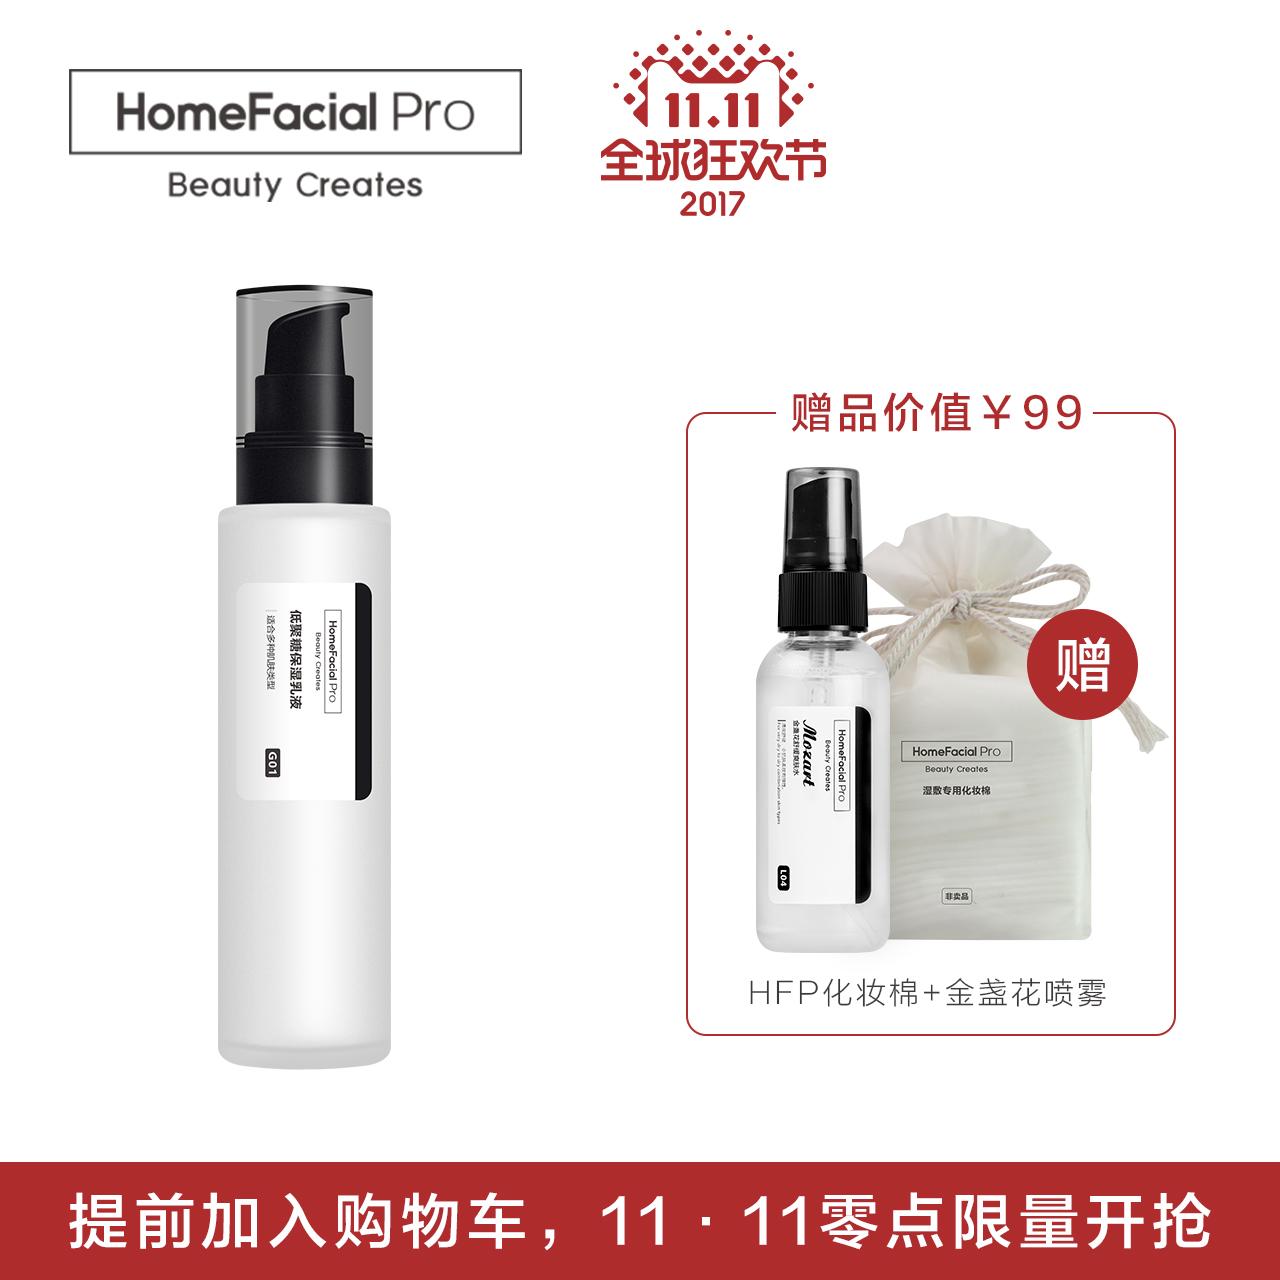 【双11】HomeFacialPro低聚糖补水保湿乳液控油爽肤修护肌肤护肤